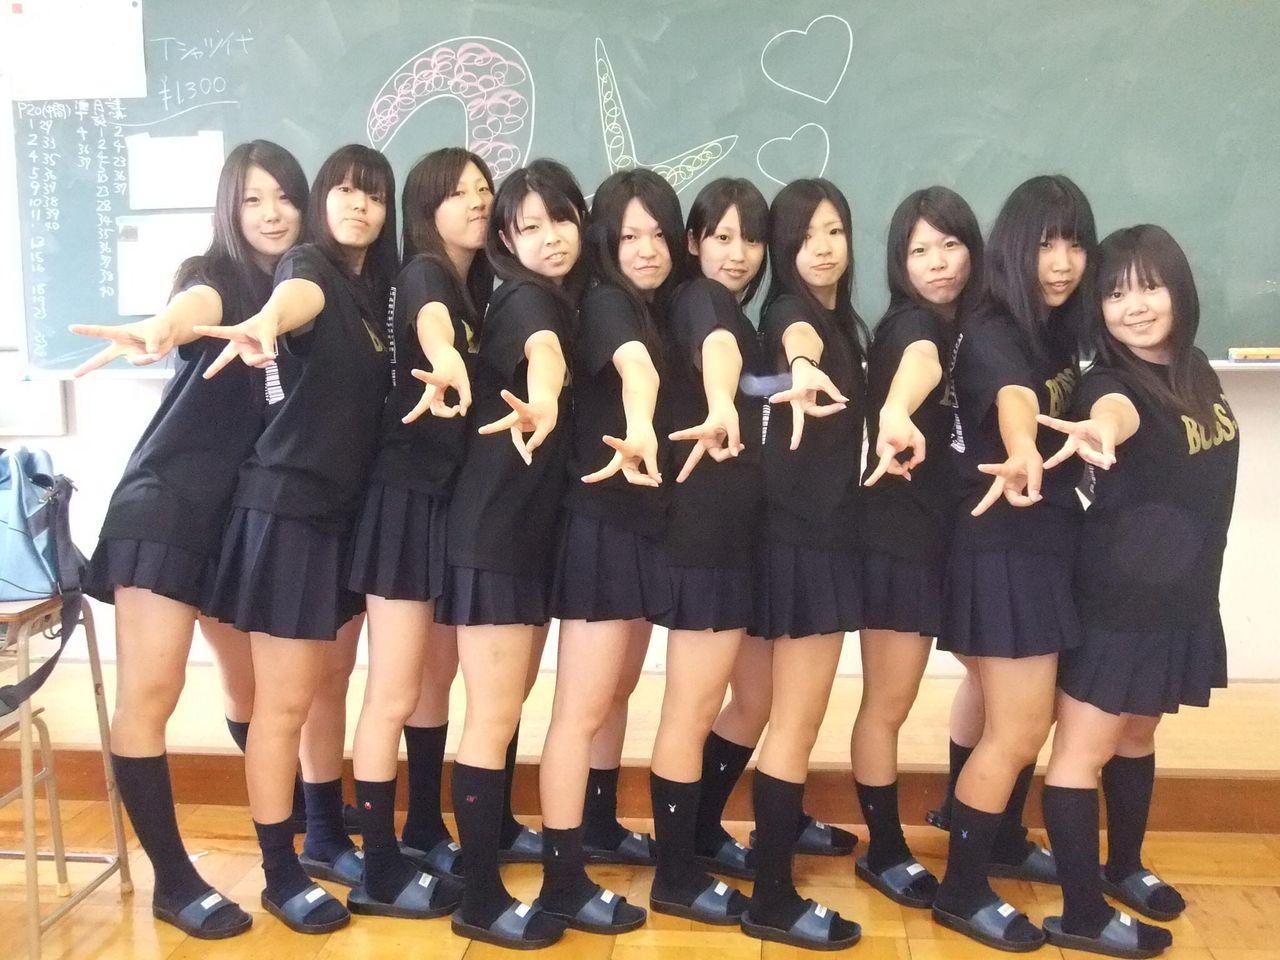 Срывают с японки, Японку рвут - видео rate Keys HD 8 фотография